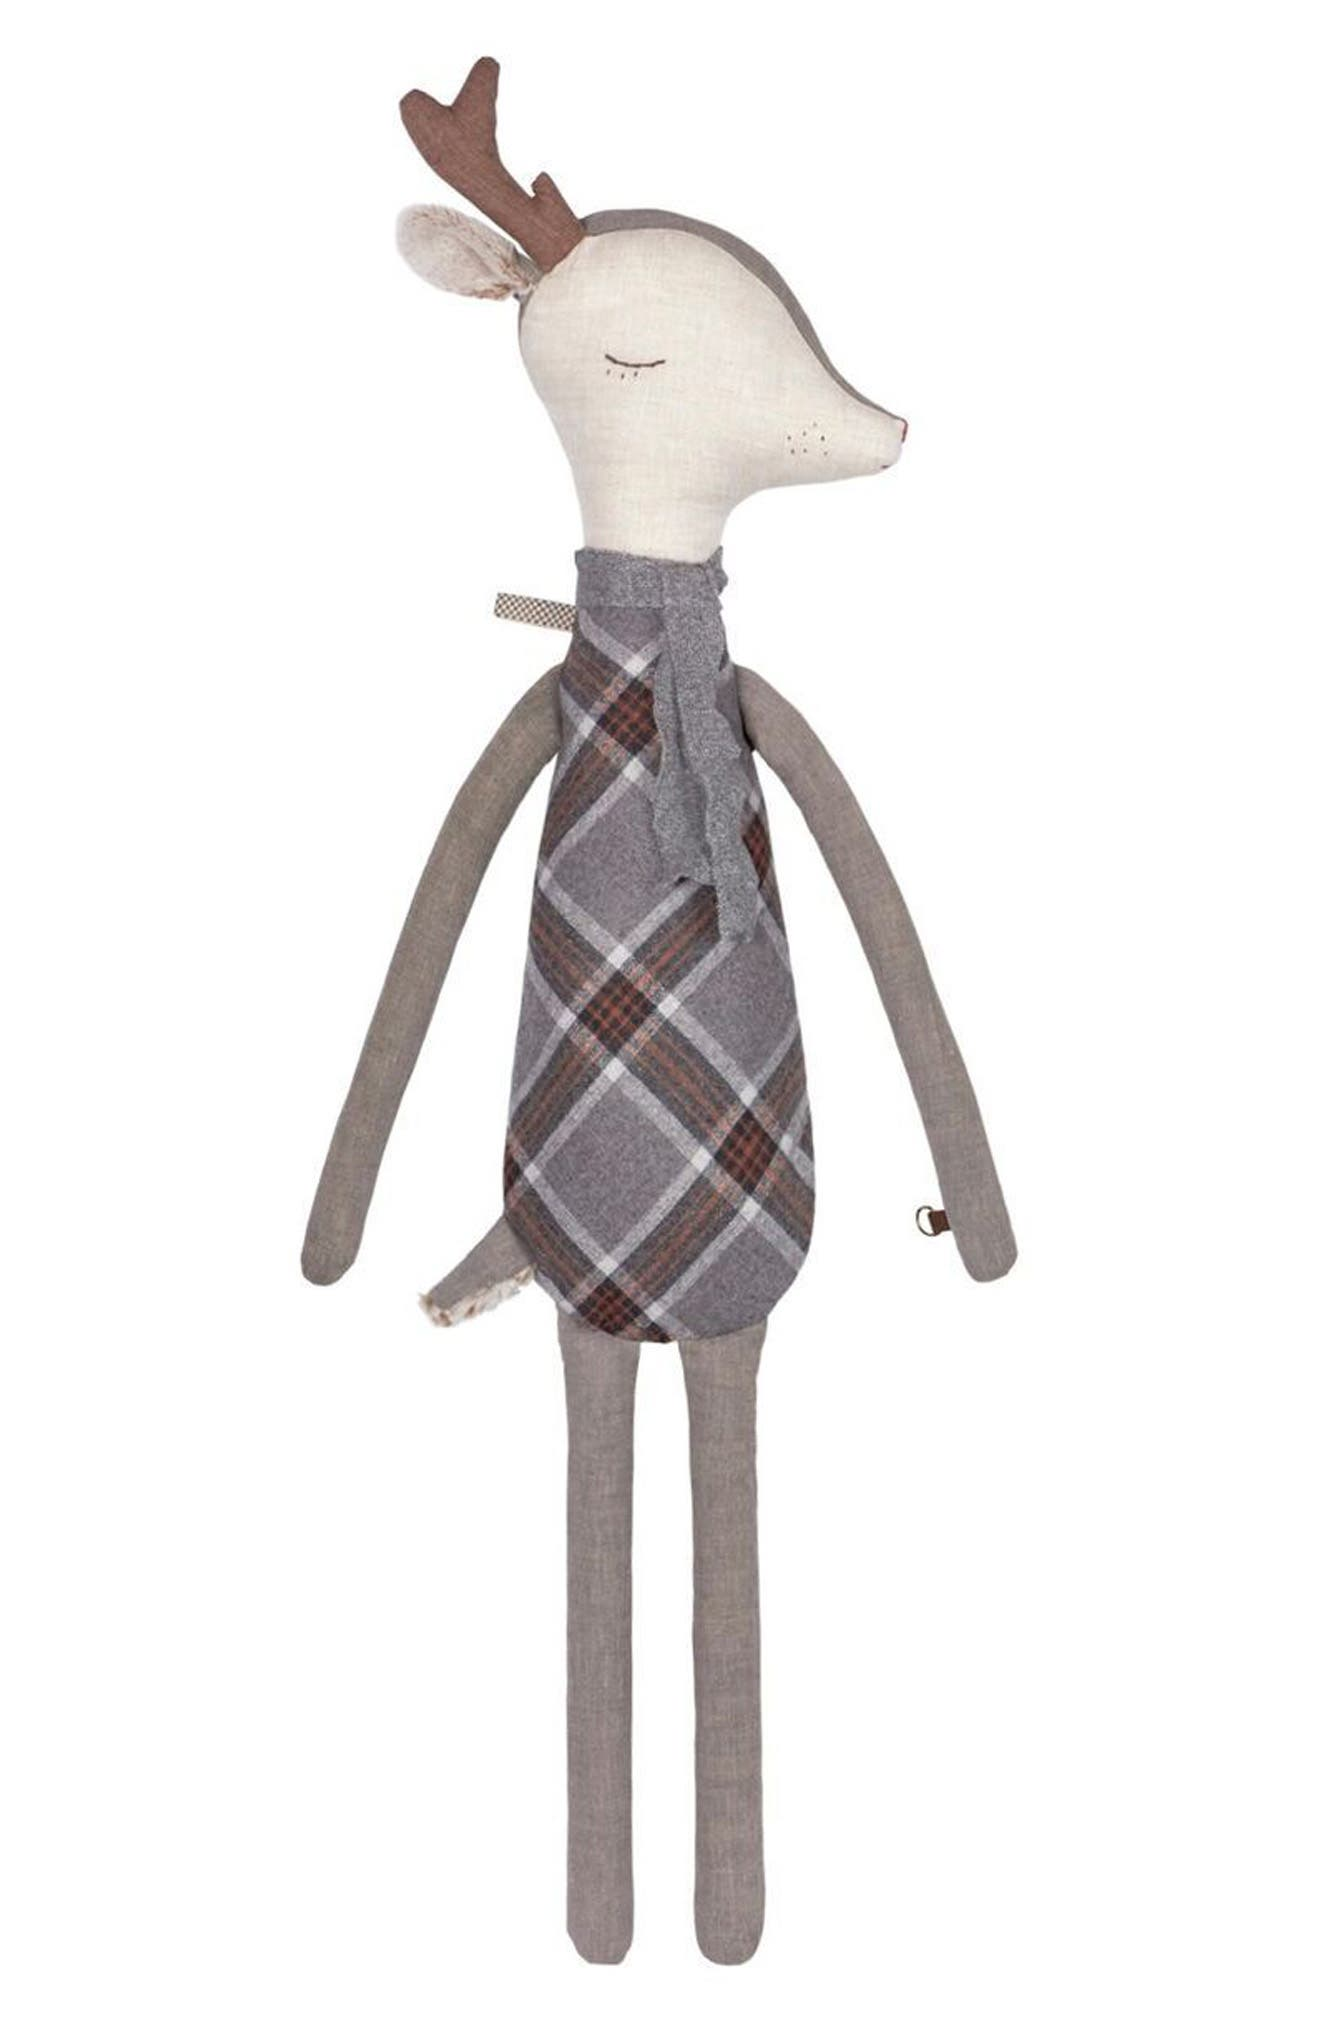 Maileg Sleepy-Wakey Reindeer Stuffed Animal